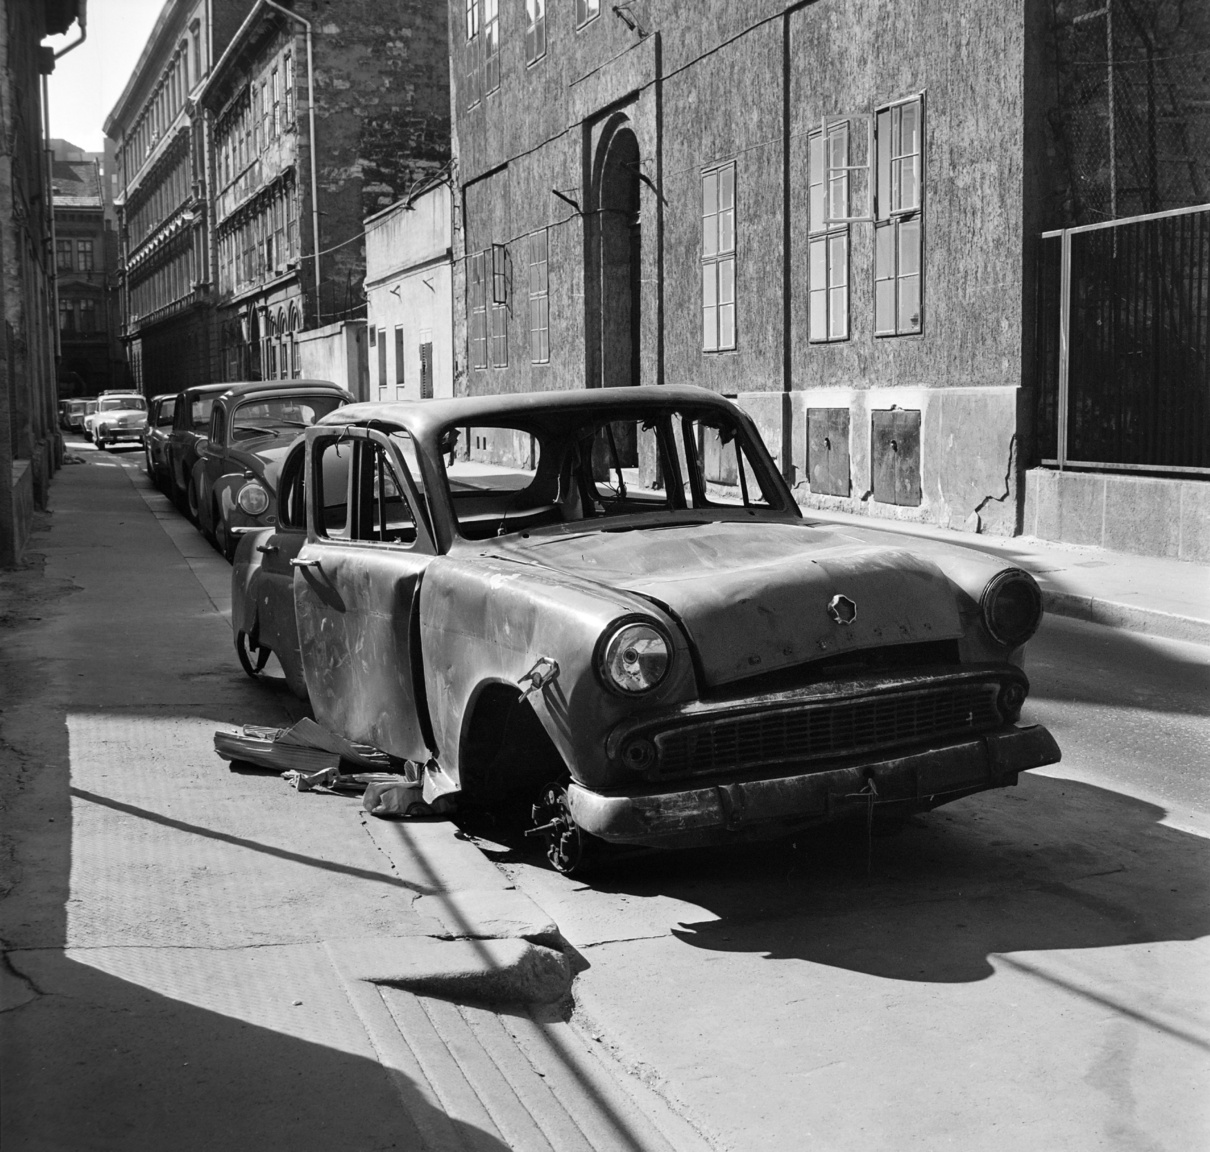 Egy Moszkvics 407-es rohad a budapesti utcán az elszállítást várva. A Moszkvicsnak ez az 1958-ban bemutatott típusa nagy népszerűségnek örvendett az országban. Ekkoriban lehetett már magánembereknek is autót venni, mert addig leginkább csak az állami szervek, közületek, vállalatok, hivatalok, körzeti orvosok jutottak gépkocsihoz. Innentől kezdve a Moszkvics a leggyakoribb autóvá vált Magyarországon mind magánemberek, mind pedig a vállalatok, állami szervek köreiben. Szinte minden régi közelekedési témájú fotón fellelhető egy 407-es, hol rendőrkocsiként, hol taxiként, hol a TSZ elnök szolgálati kocsijaként.